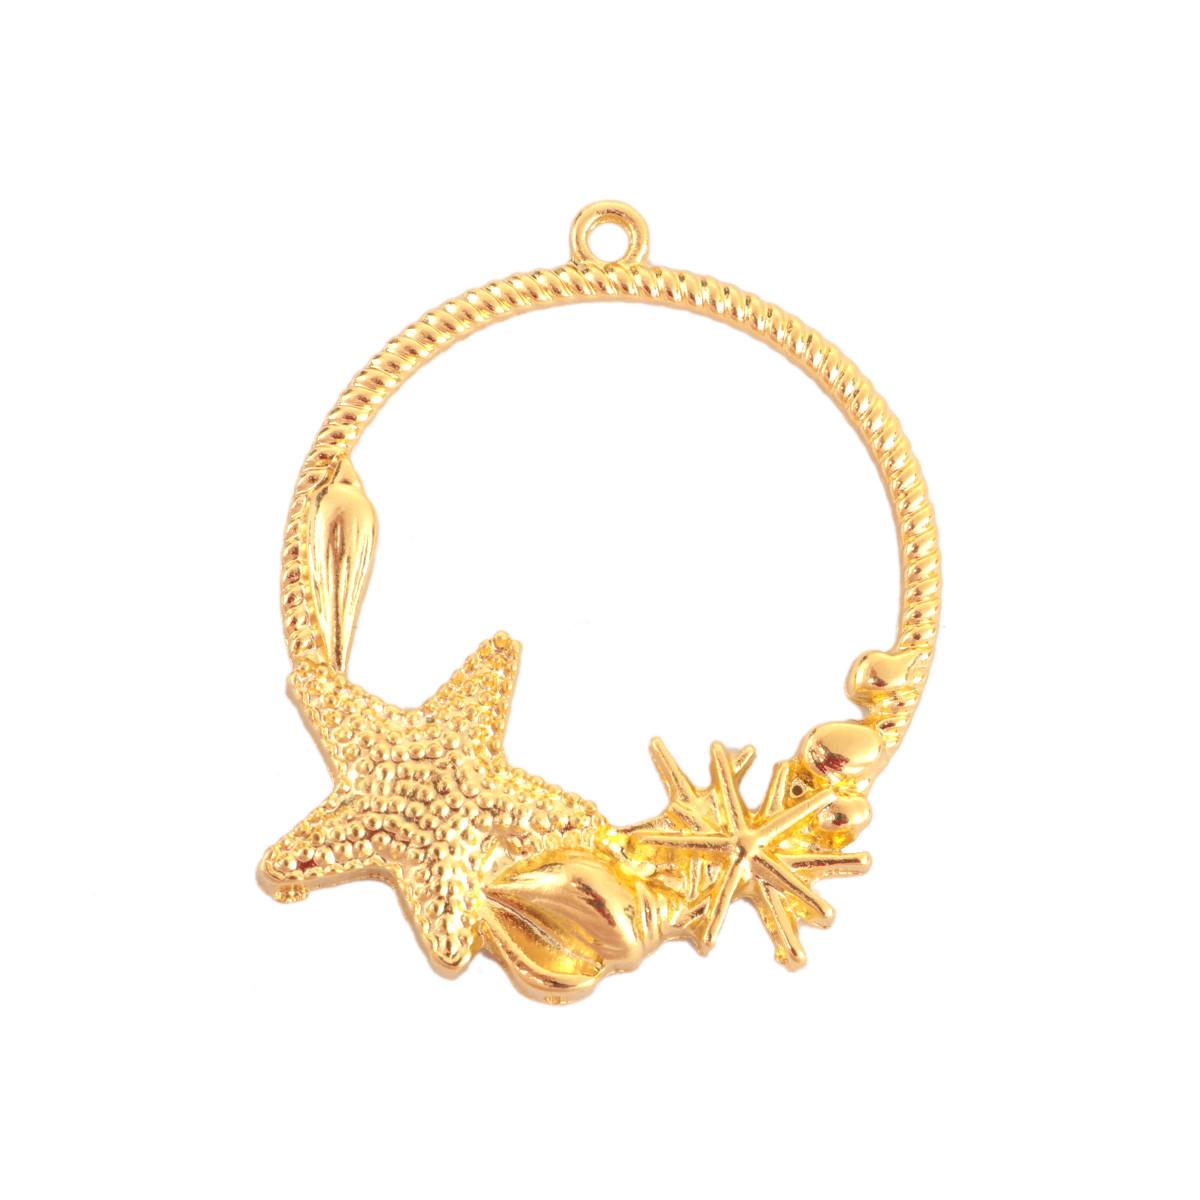 Підвіска Морська зірка, Коло, Рамка під заливку епоксидної смоли, Колір: золото, 42 мм x 35 мм